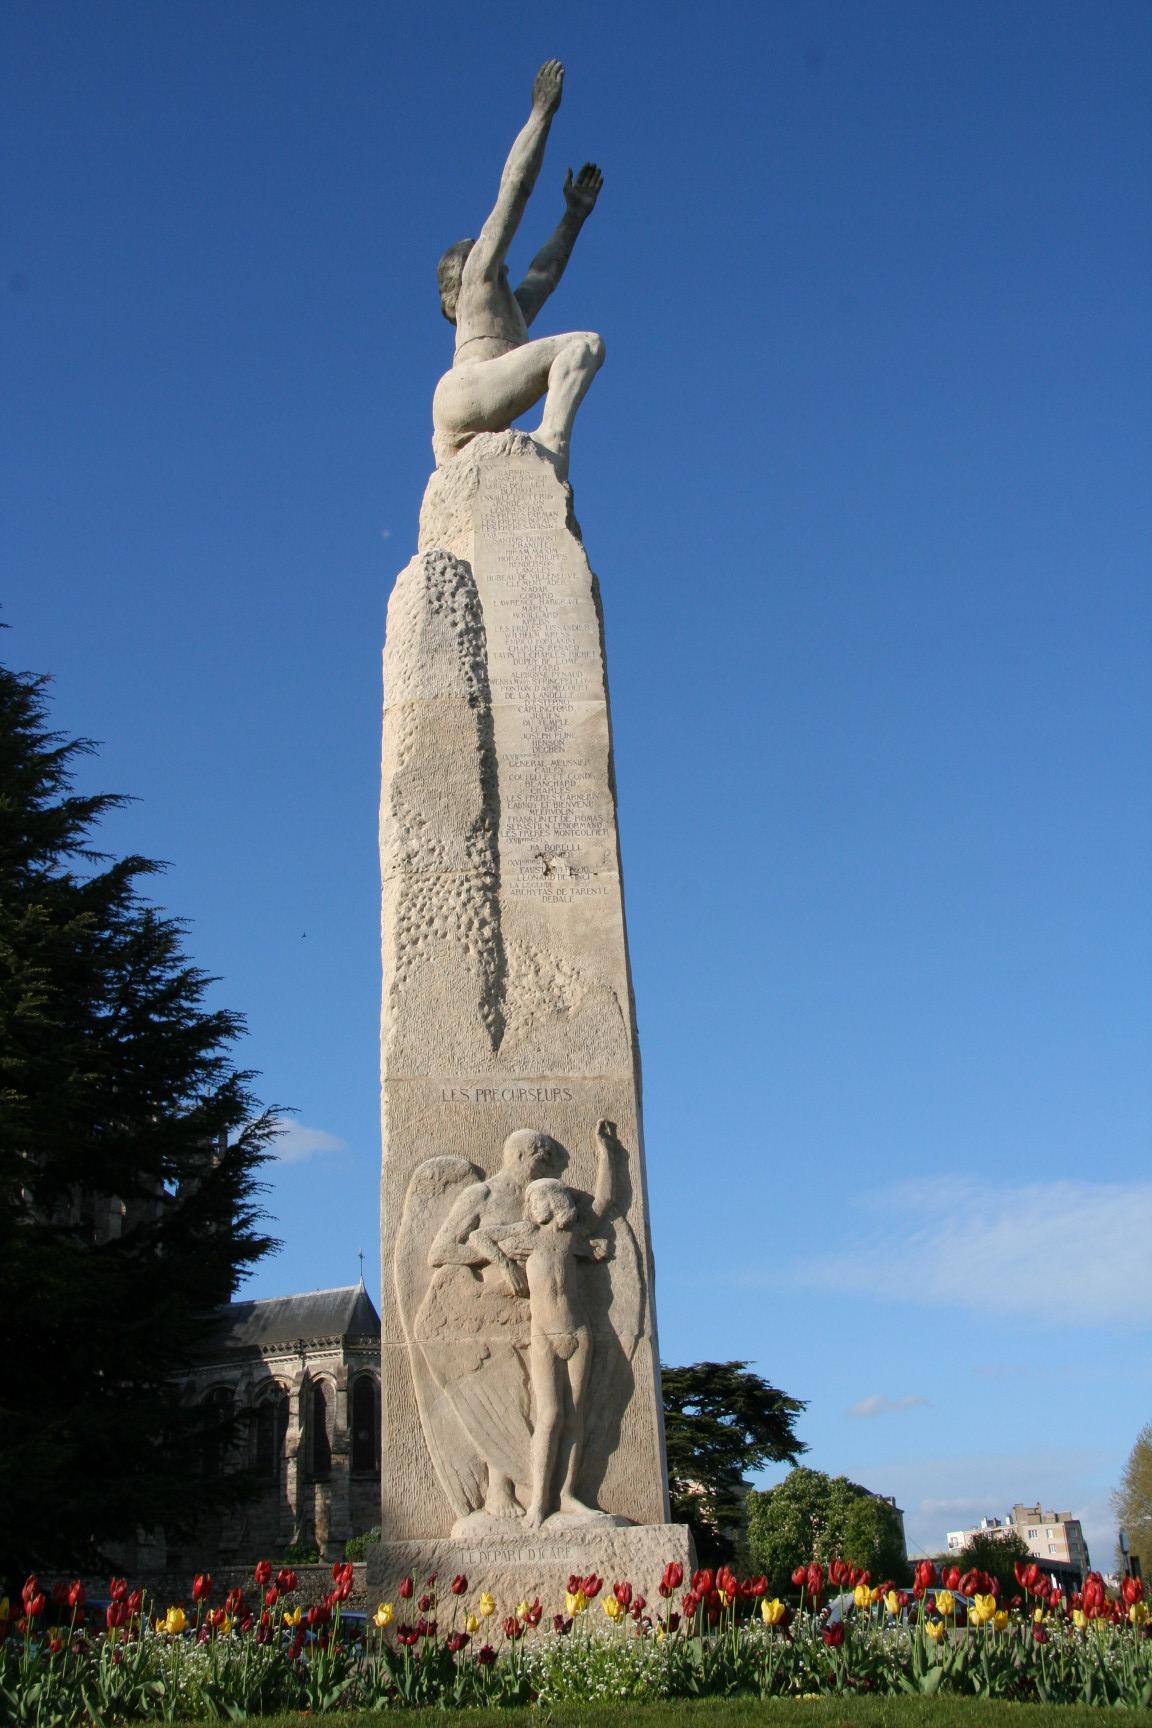 Le Mans en 2010 - Statue - Rue Wilbur Wright - Statue représentant le vol d'Icare en hommage à Wilbur Wright - Vue 01 (Sylvie Leveau)